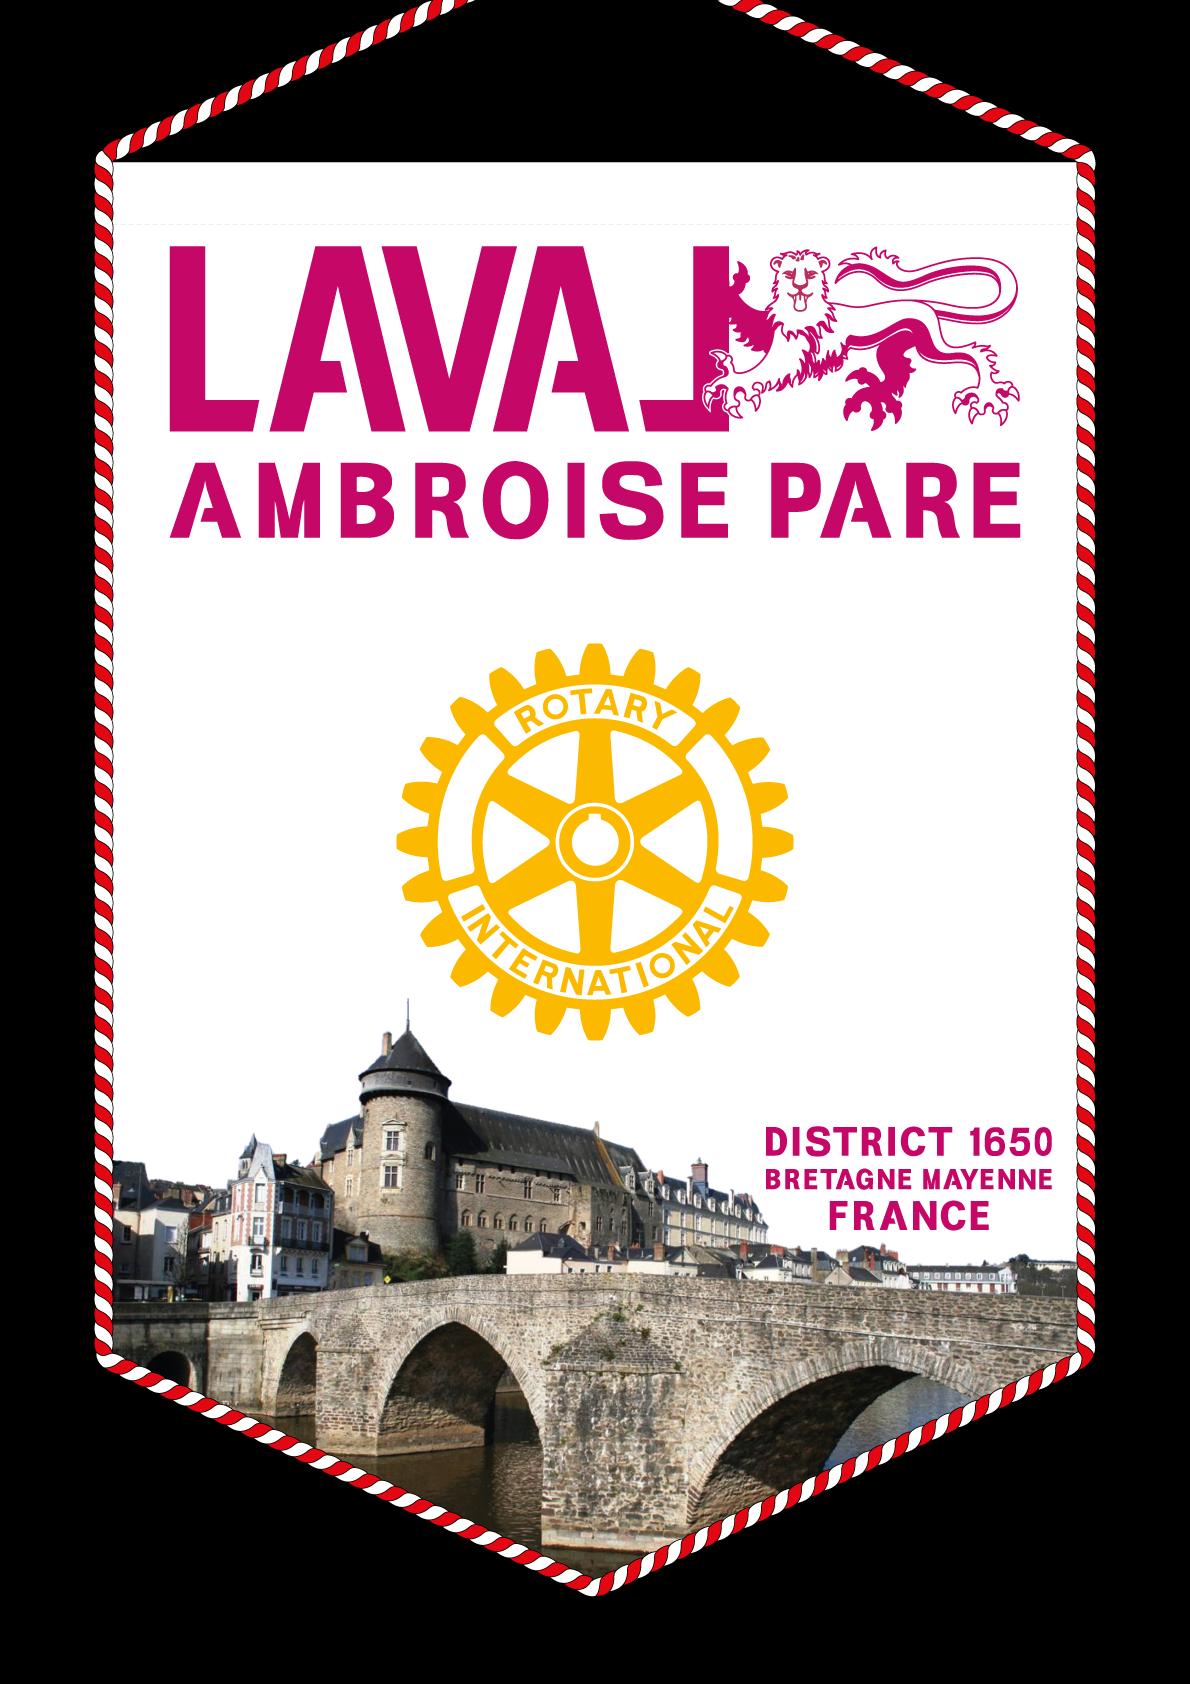 FANION ROTARY CLUB LAVAL AMBROISE PARE